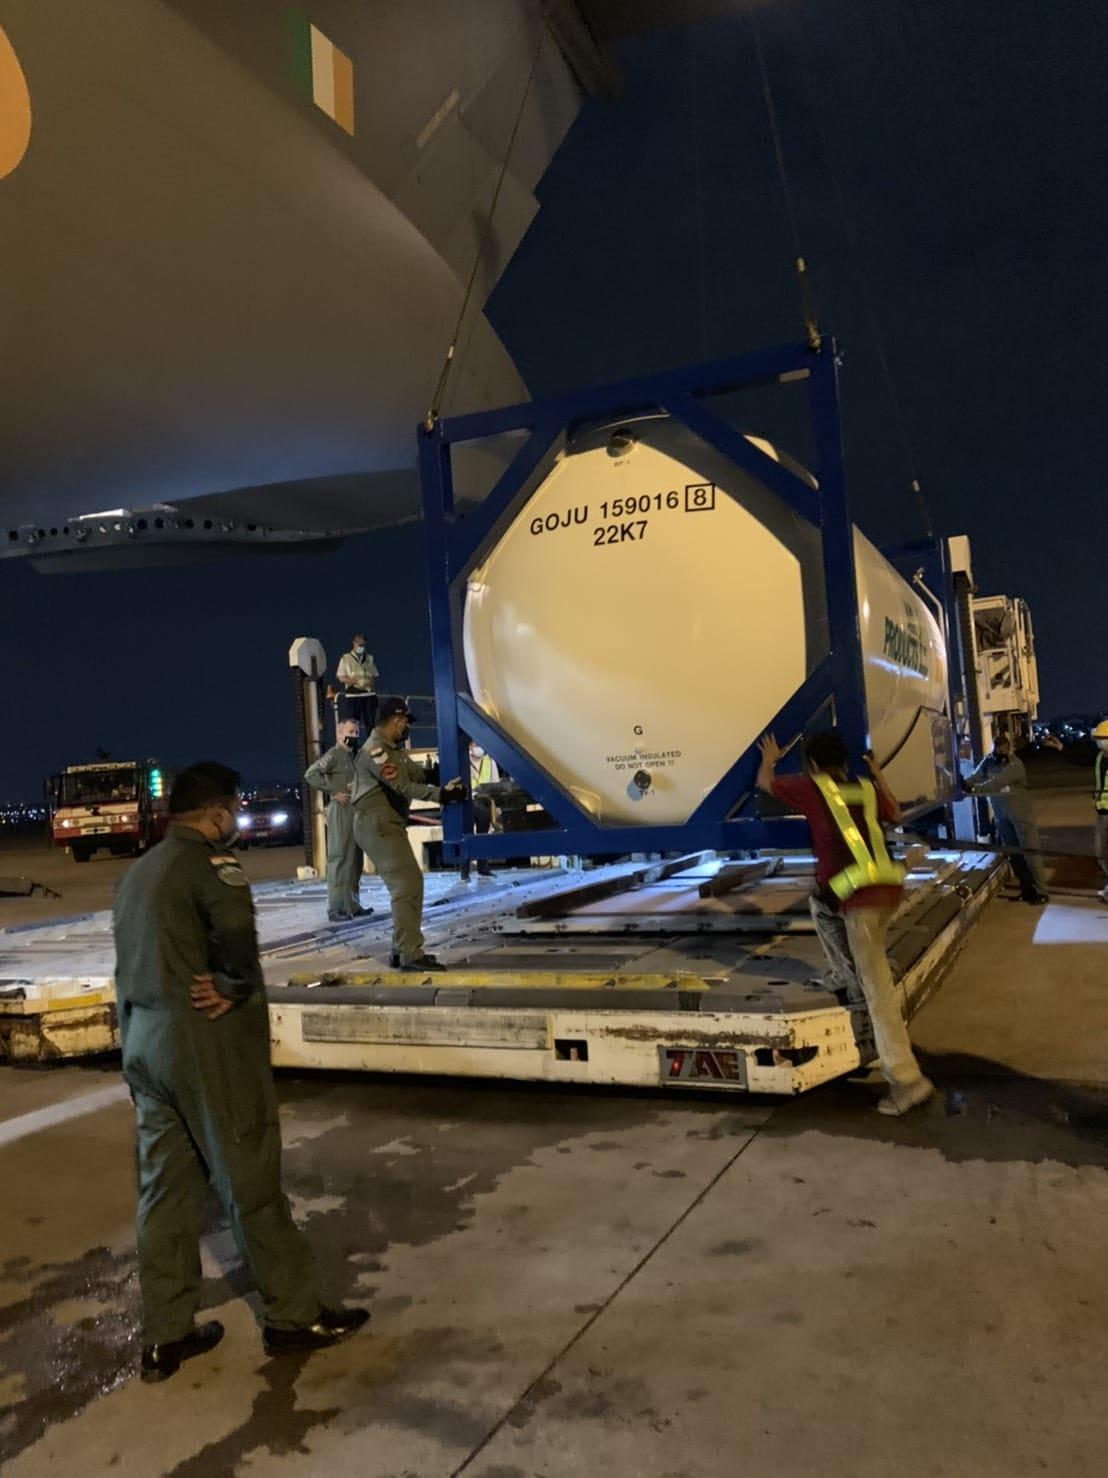 Loading tank in C-17